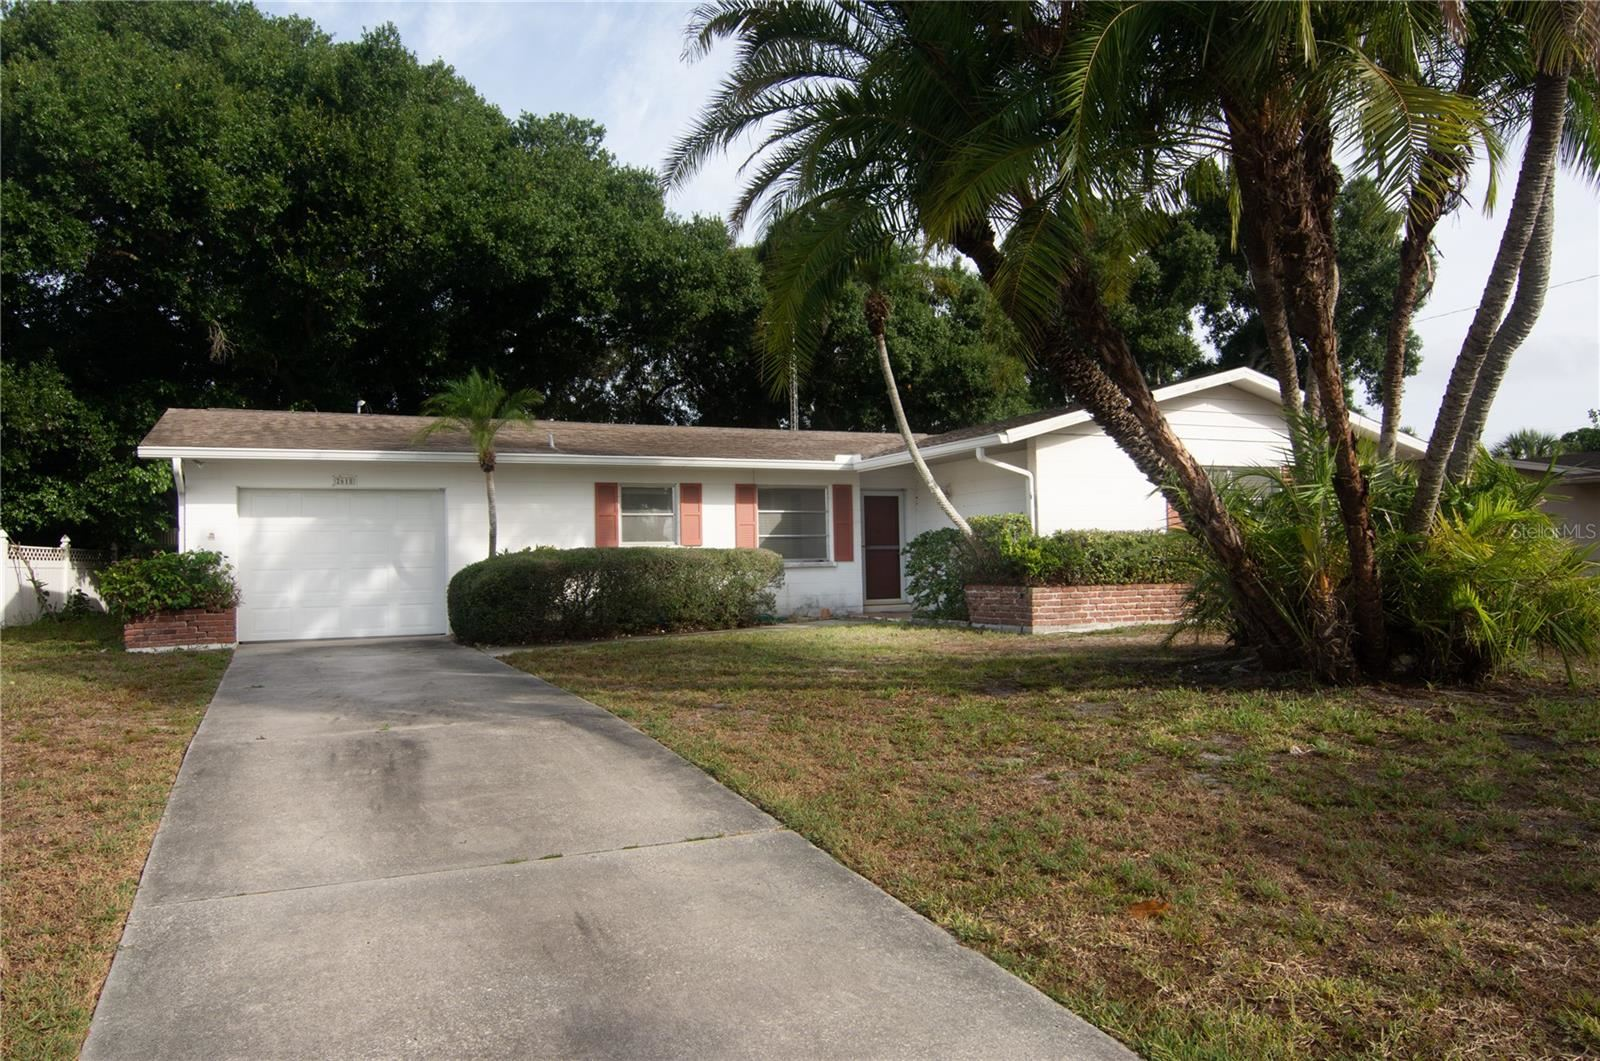 2618 ESPANOLA AVENUE, Sarasota, FL 34239 - #: A4503522